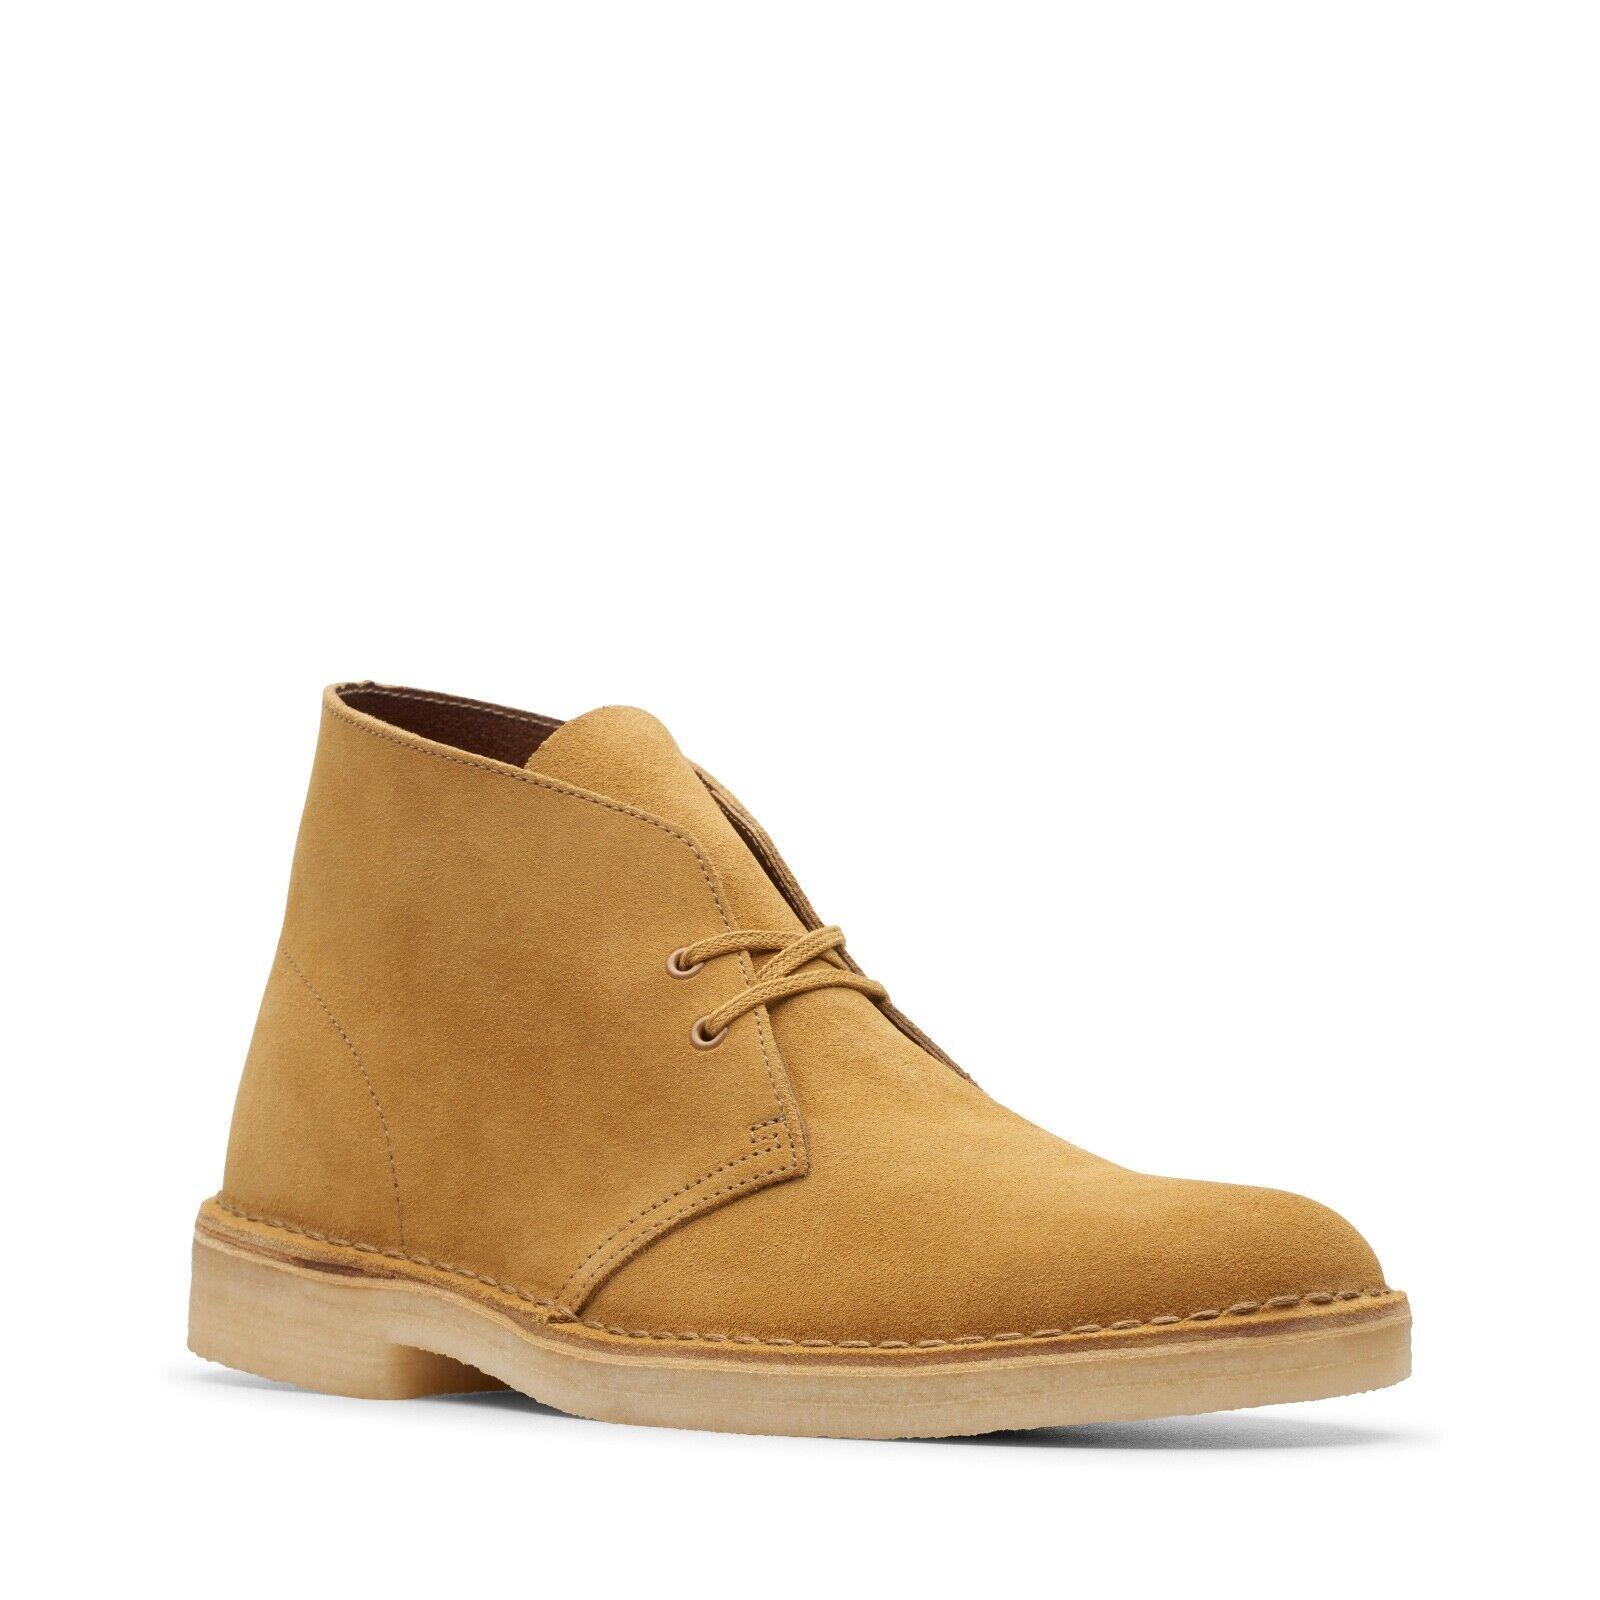 Clarks Originals Men's Desert Boots Oak Suede 26144231